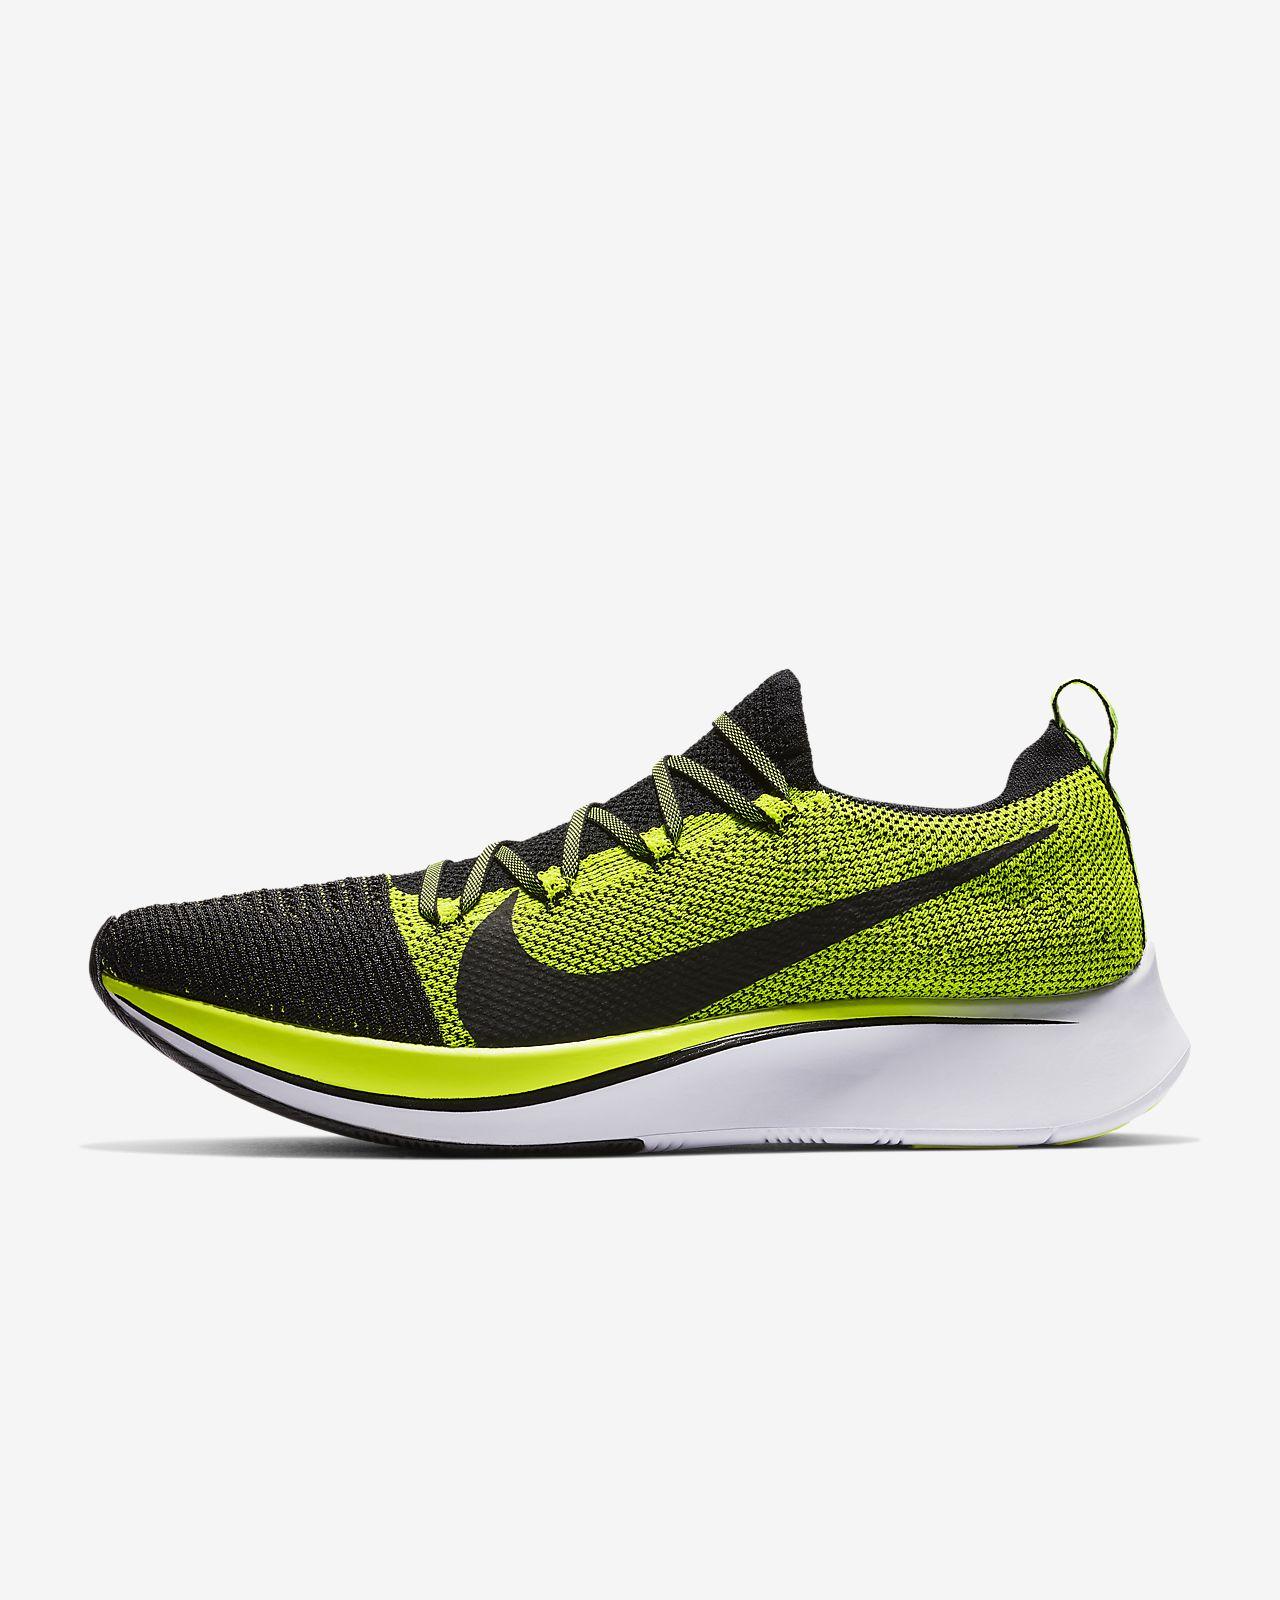 Nike Zoom Fly Flyknit 男子跑步鞋